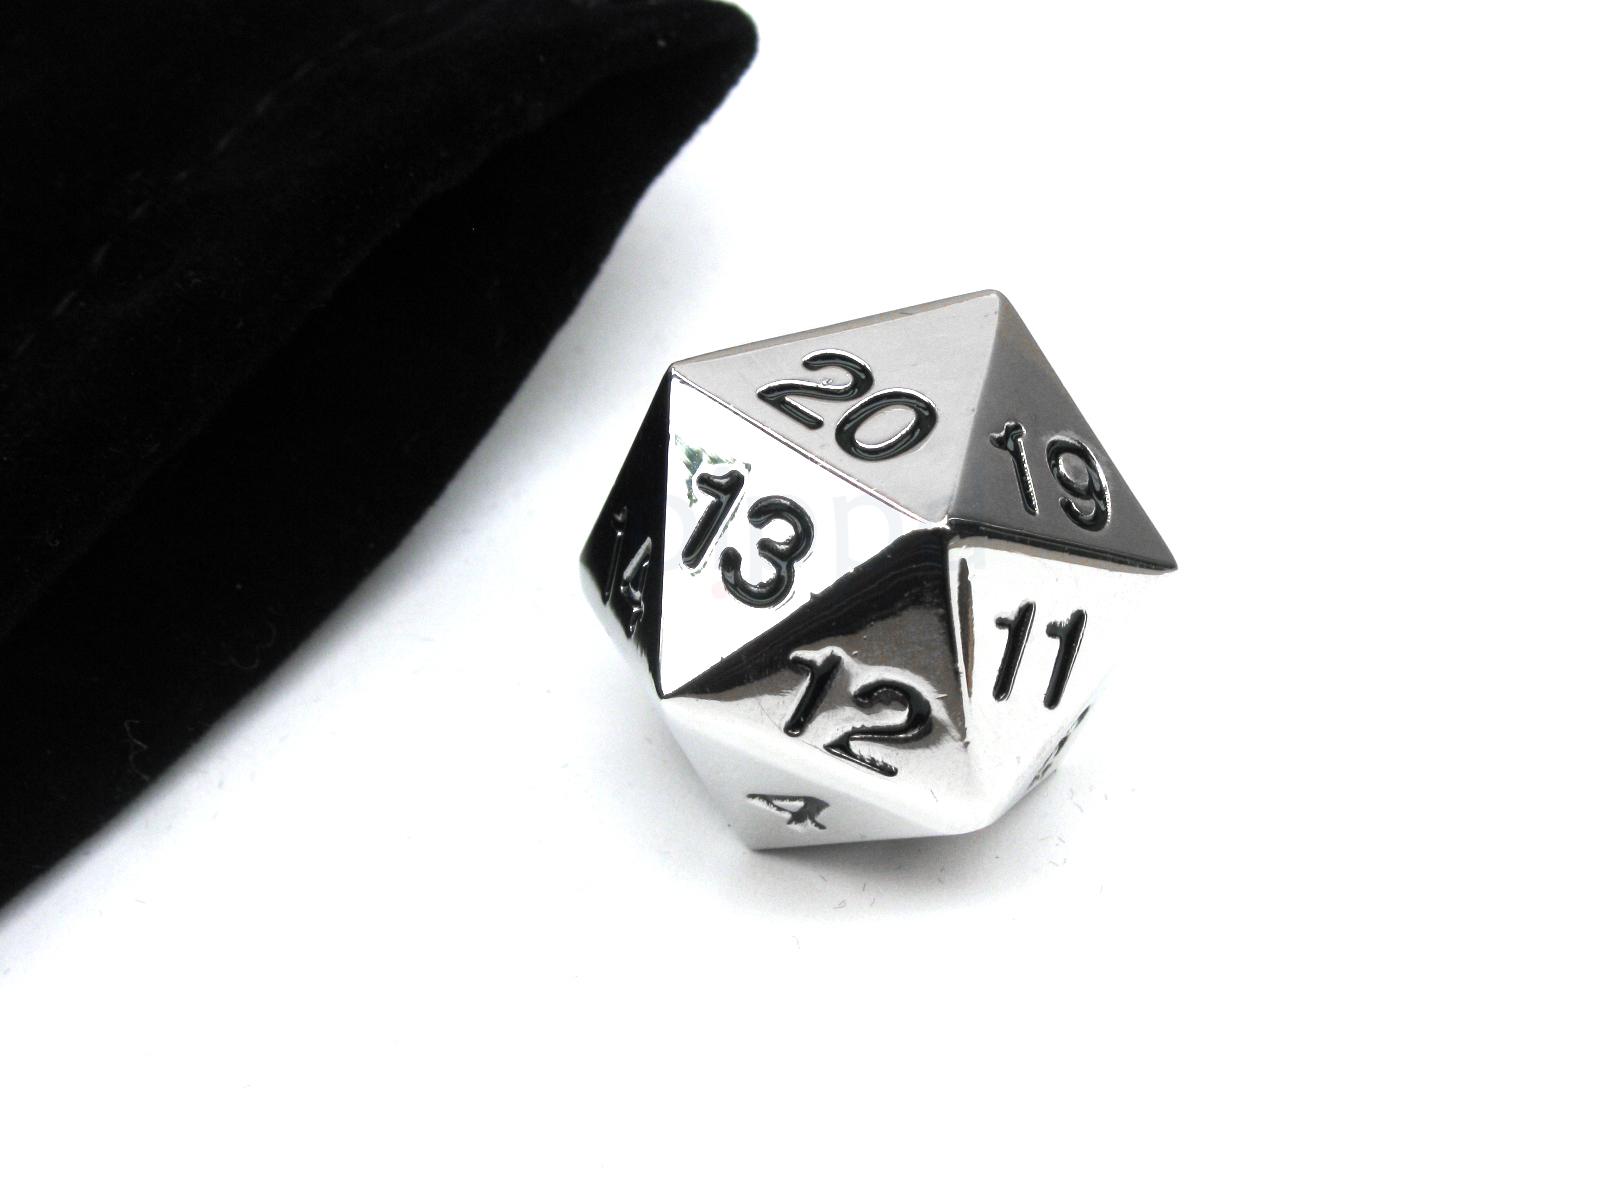 Koplow: Metal Countdown D20 - Silver with Black Ink